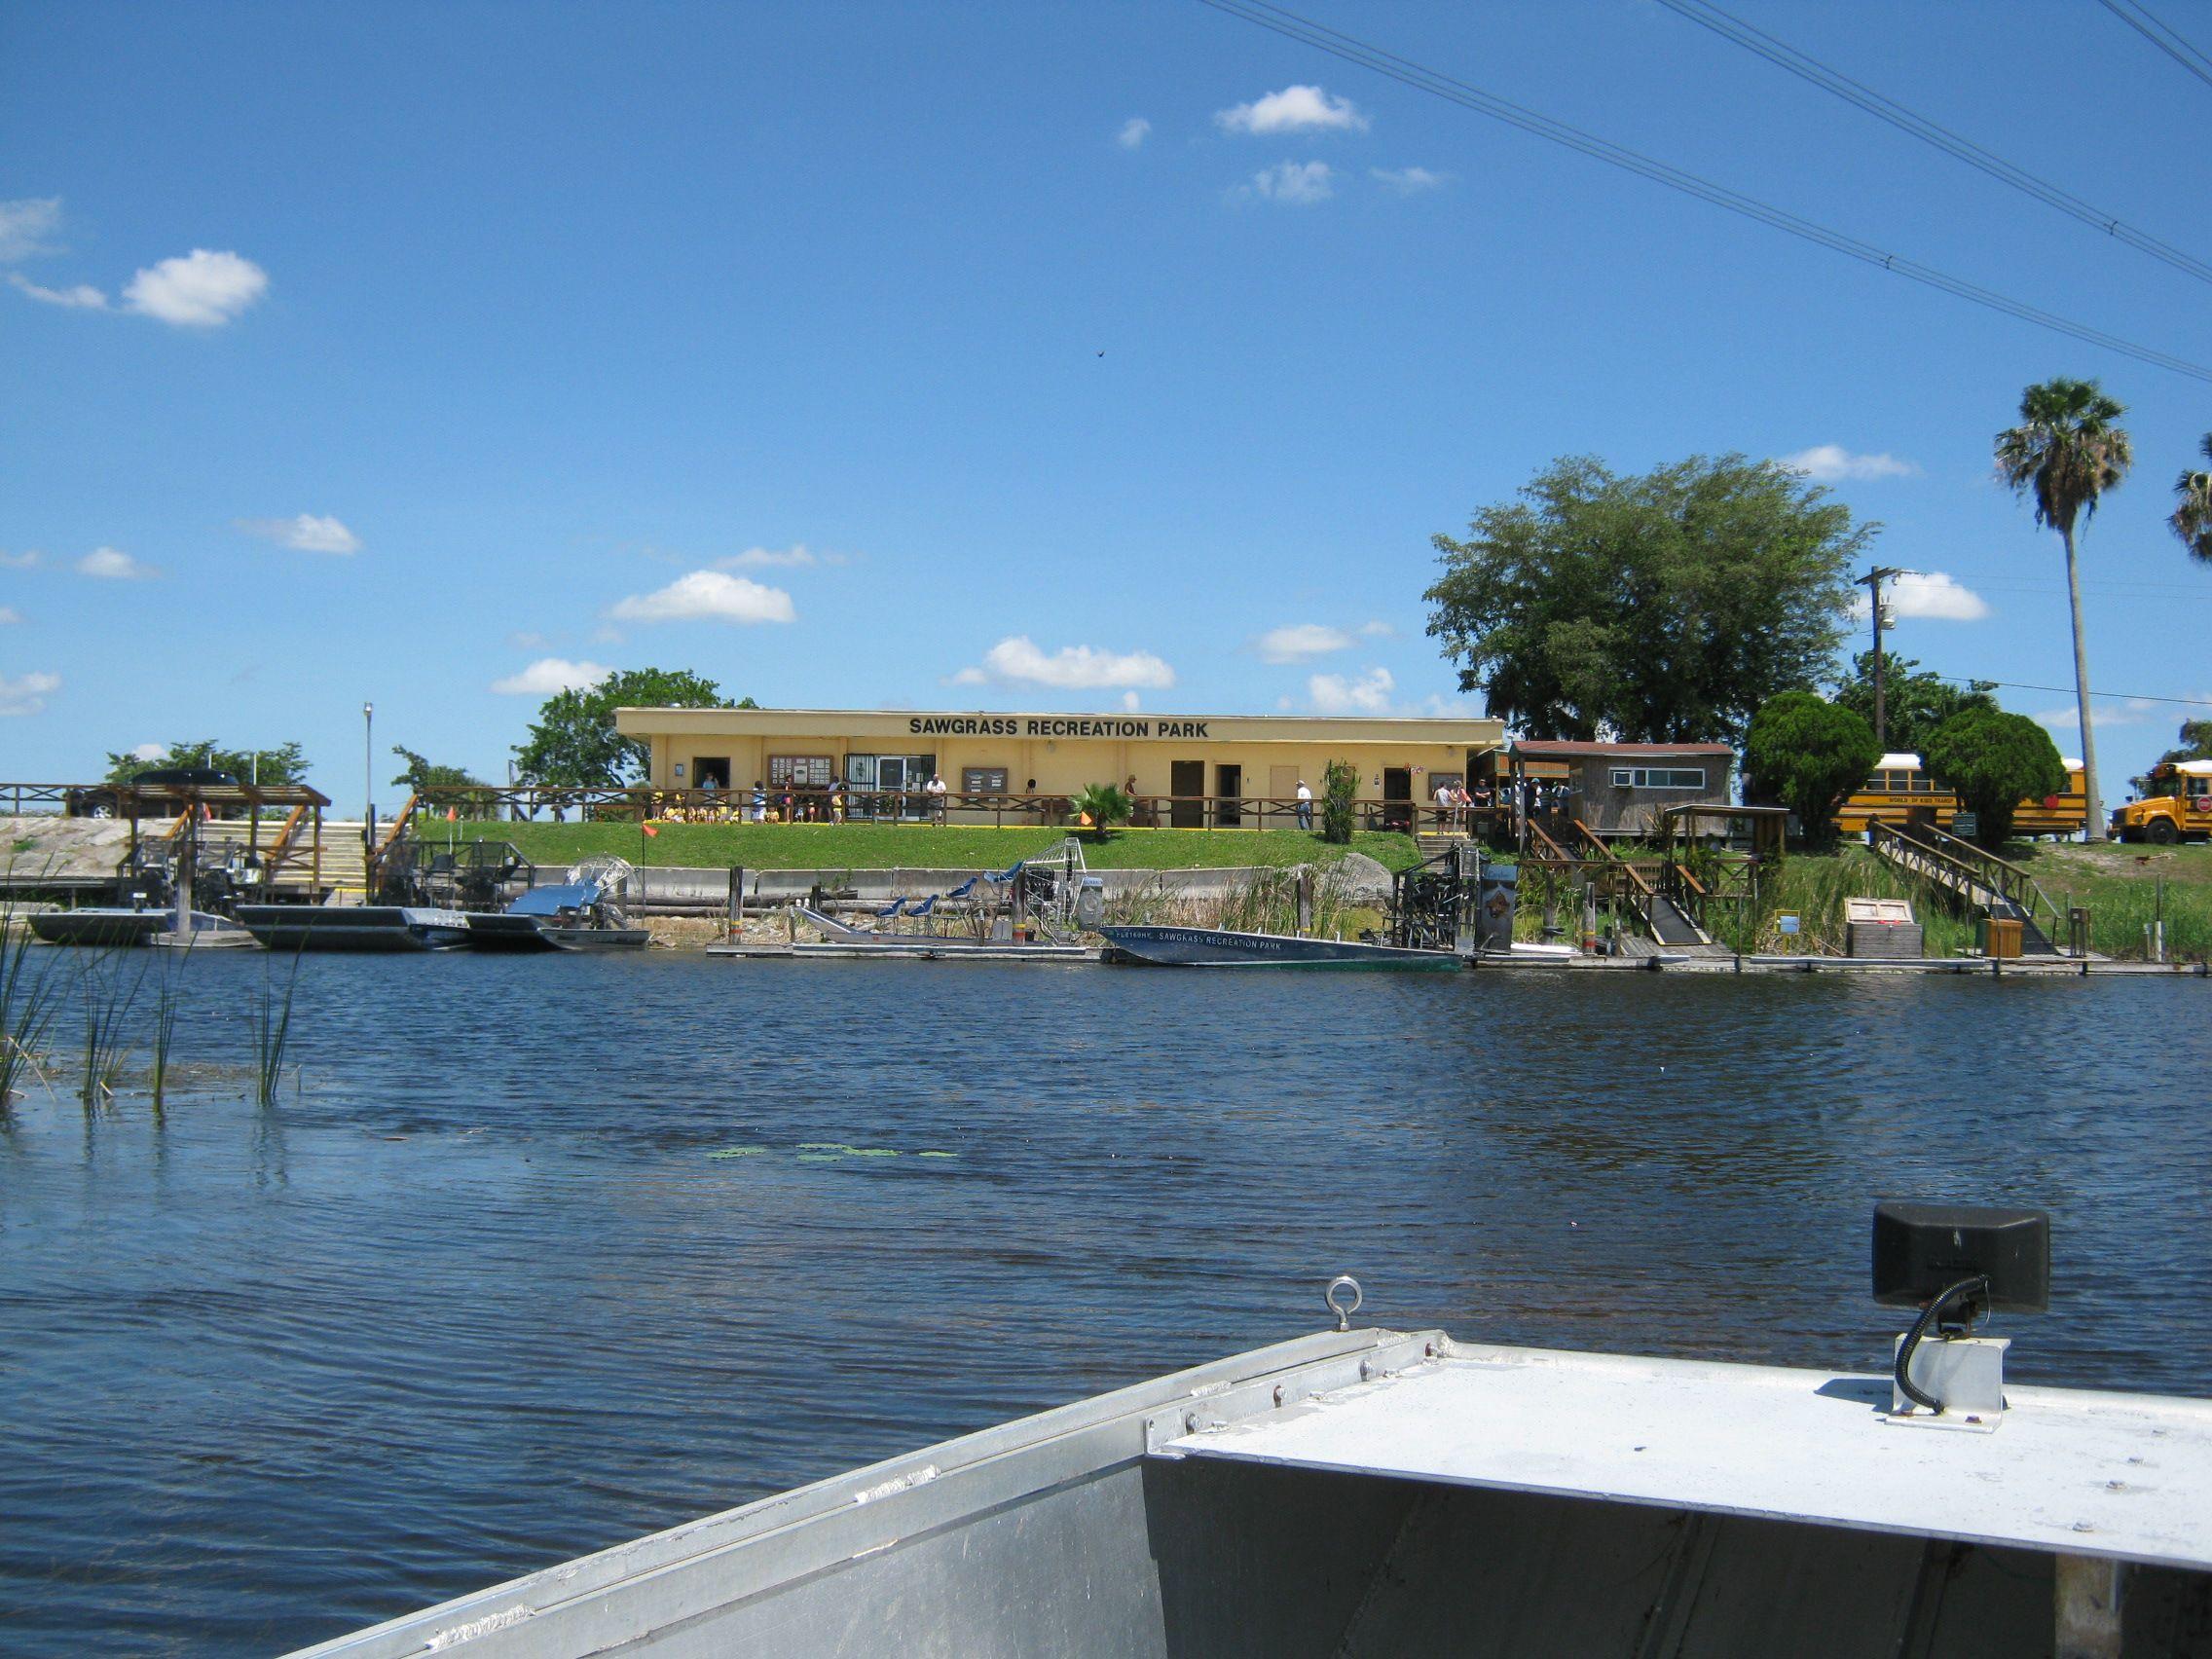 Sawgrass recreational park Air Boat Rides near Miami